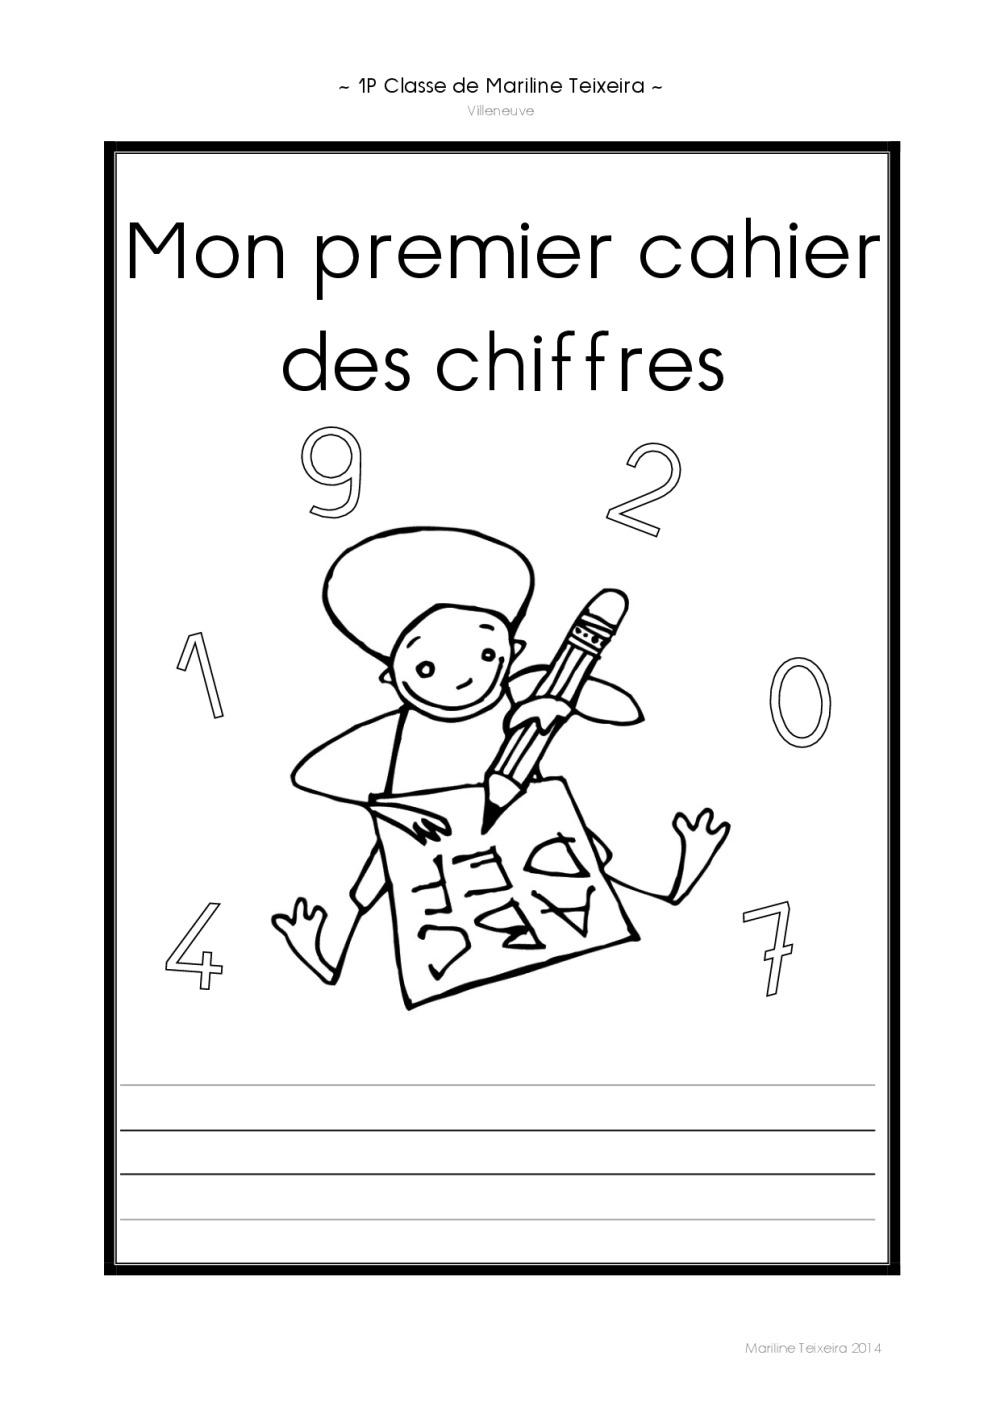 Extrêmement Cahiers graphisme chiffres | BDRP NU33